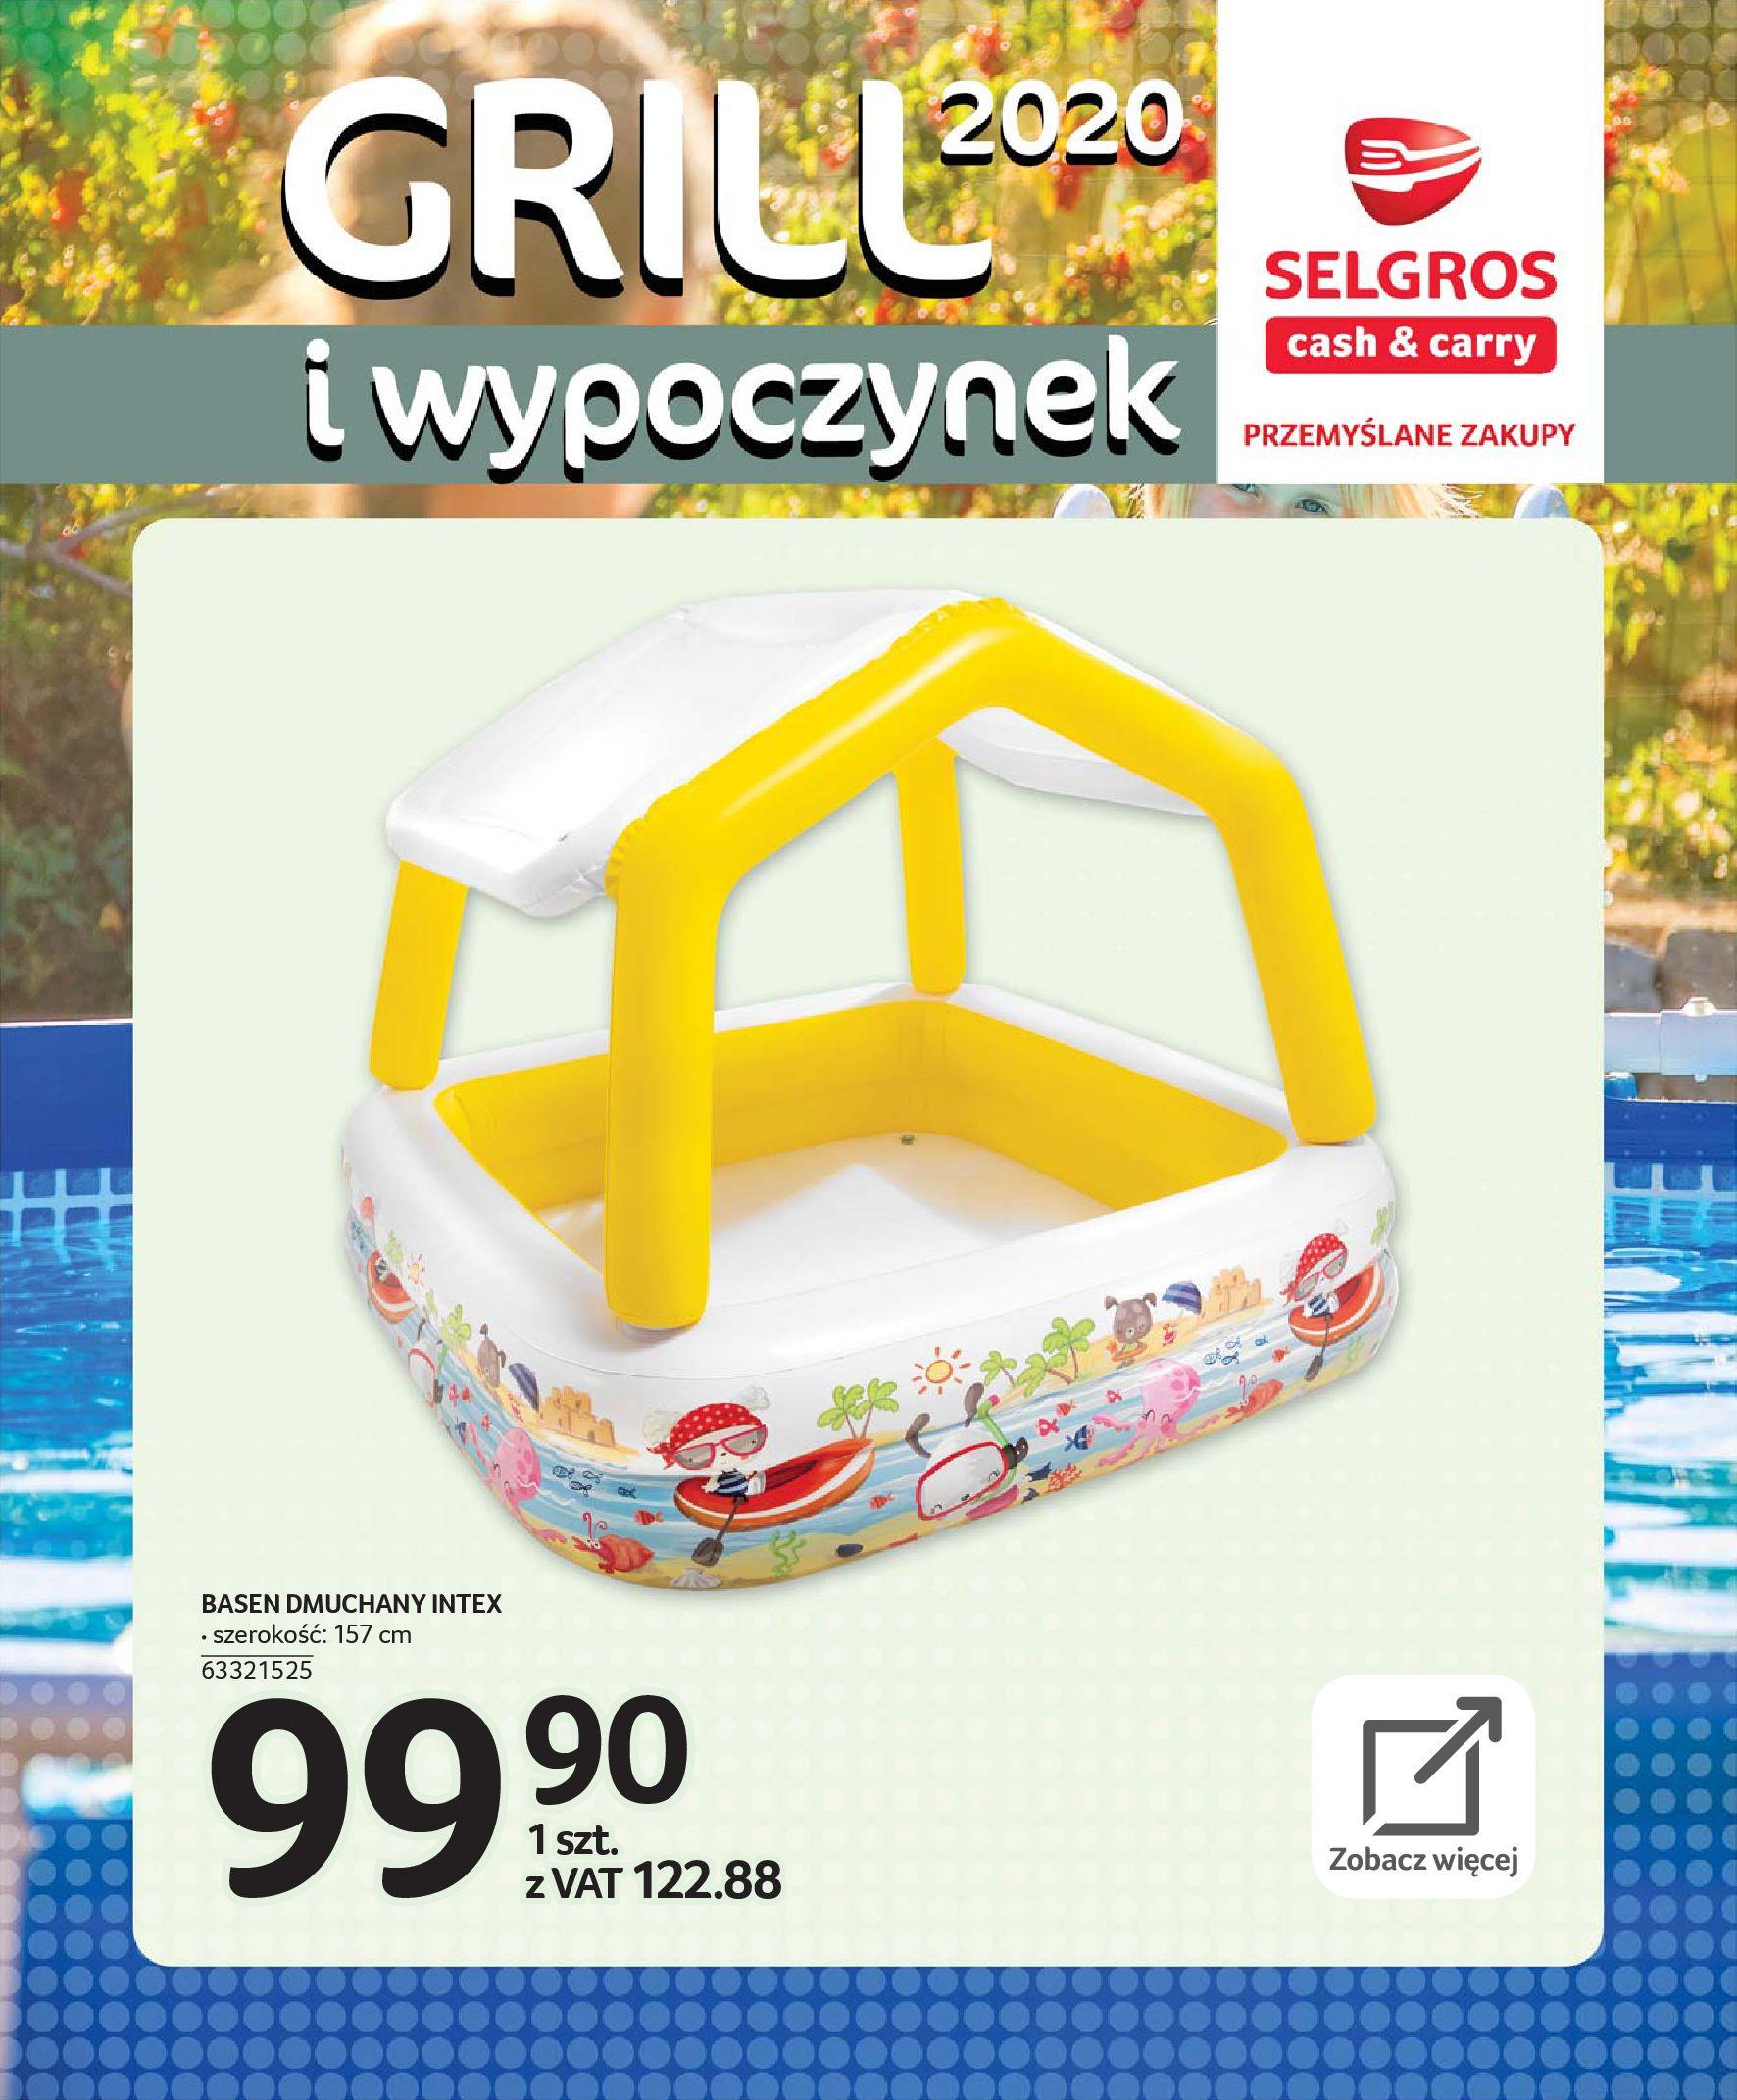 Gazetka Selgros - Katalog - Grill i wypoczynek-31.03.2020-31.08.2020-page-106